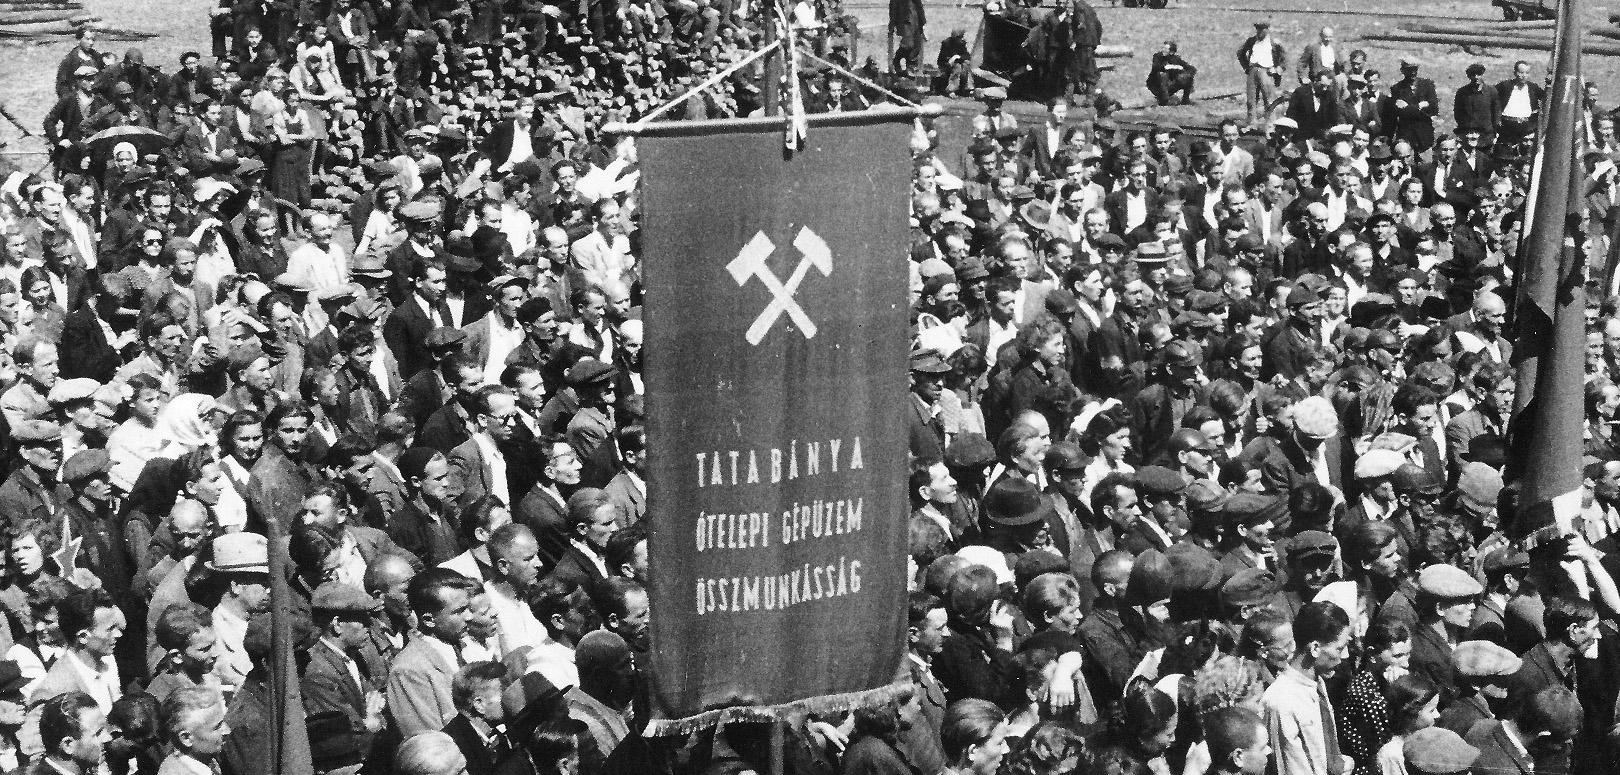 Szénért bakancsot? Egy ruházati akció története Tatabányán (1945. augusztus – október)